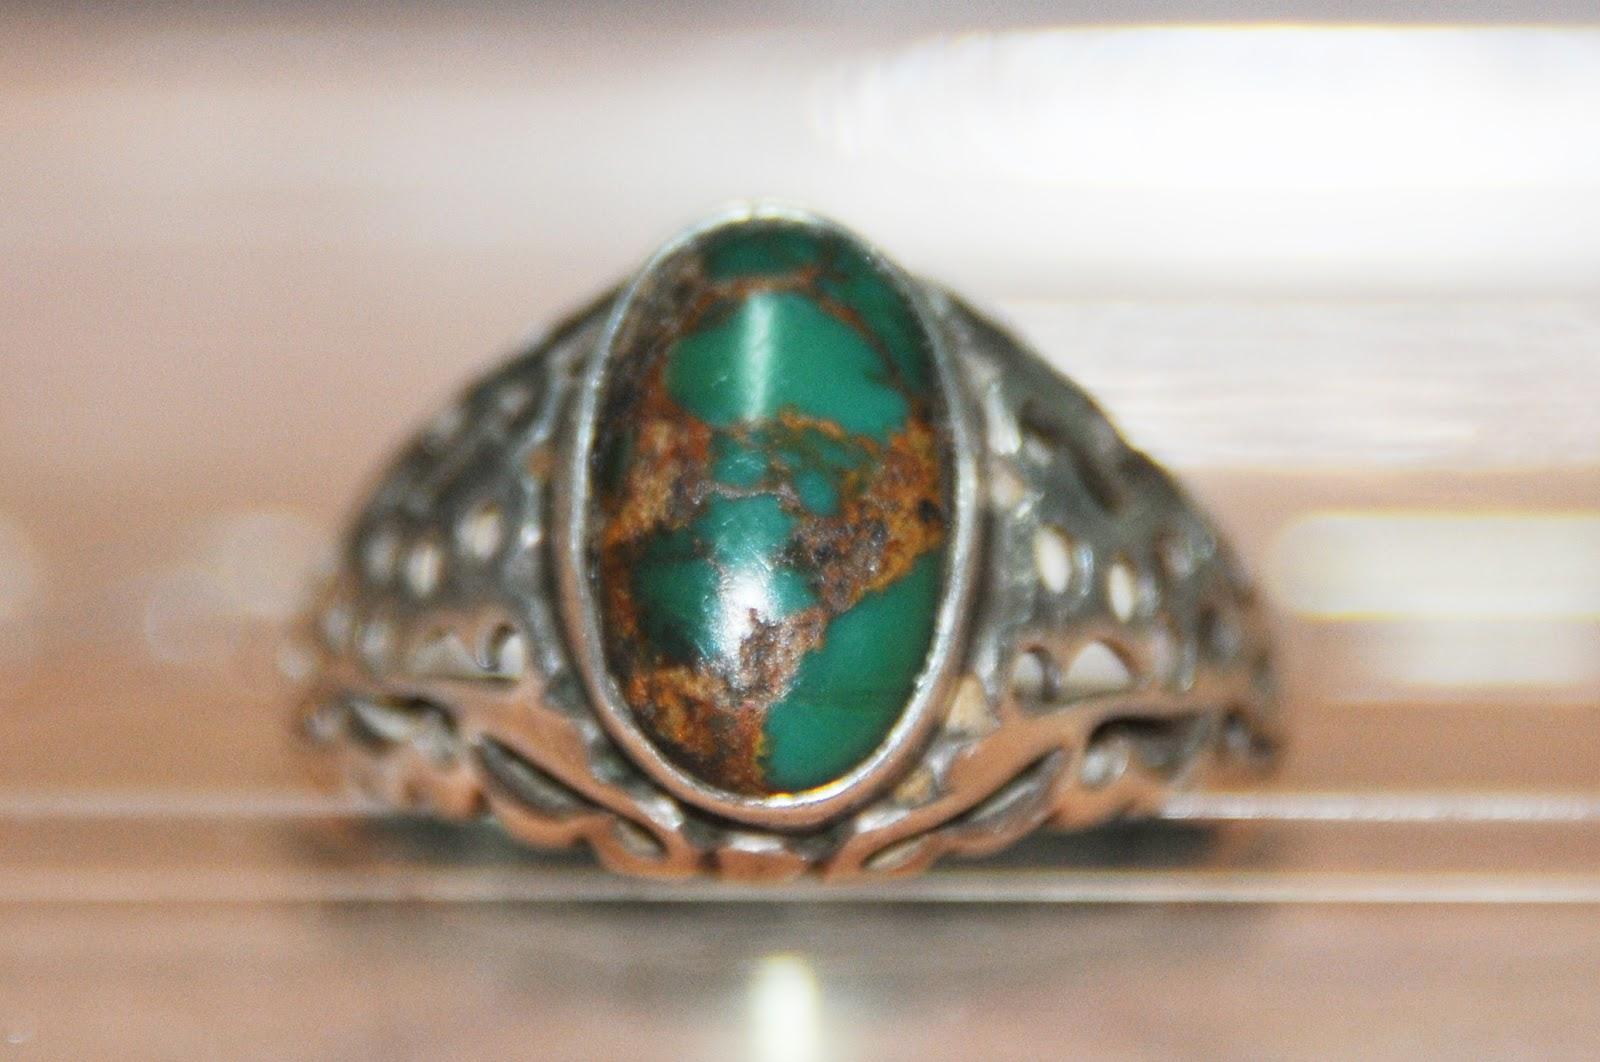 Jual batu akik, koleksi cincin batu akik dan batu bertuah Description: